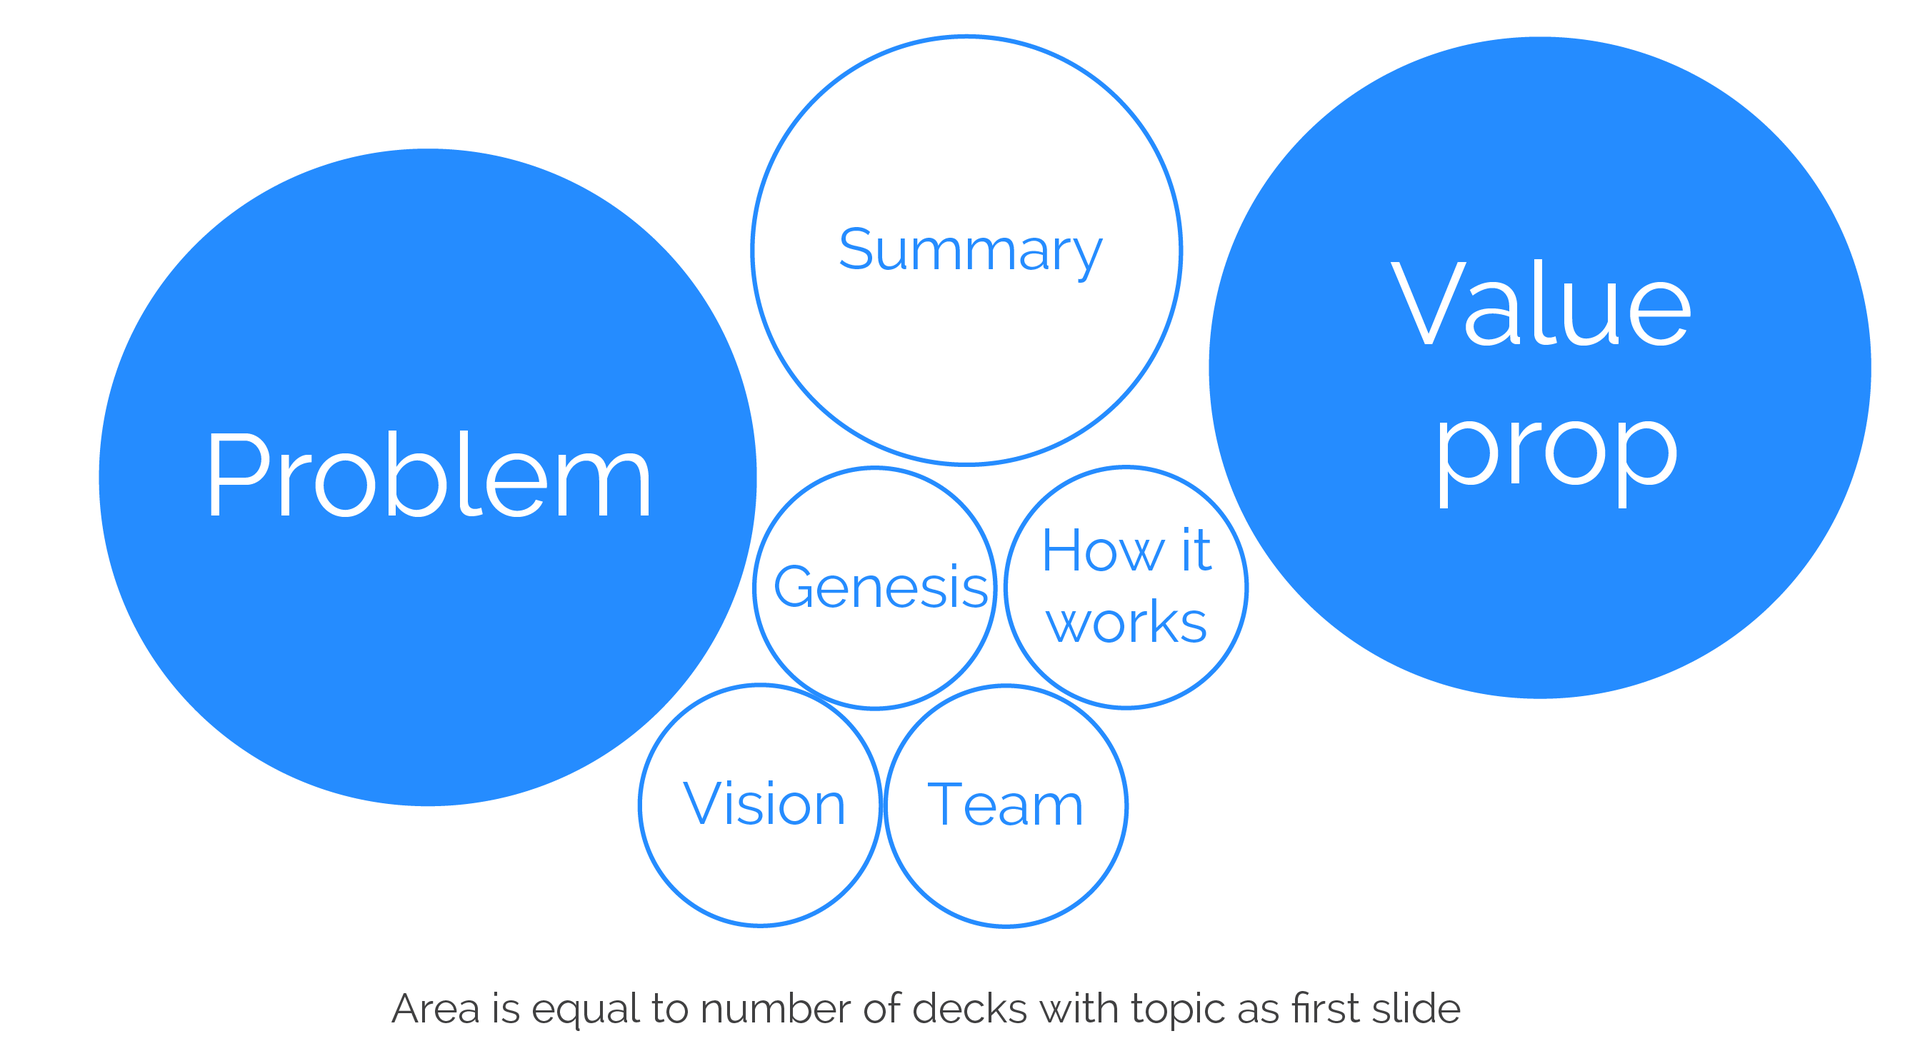 Perfect pitch: от подготовки слайдов до выступления - 2